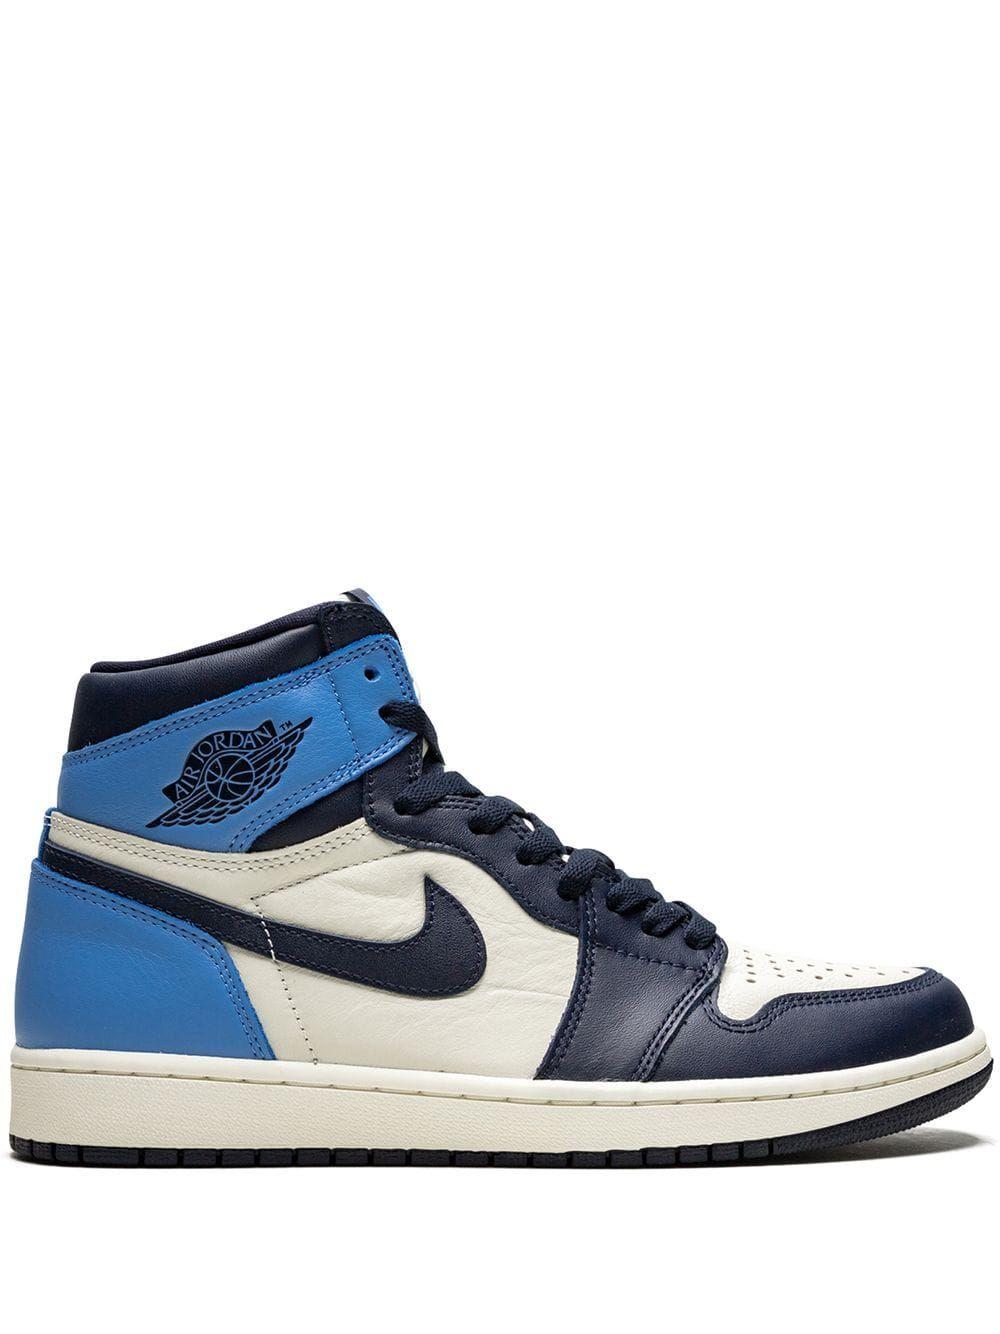 Jordan Air Jordan 1 High Og Sneakers In 2020 Air Jordans